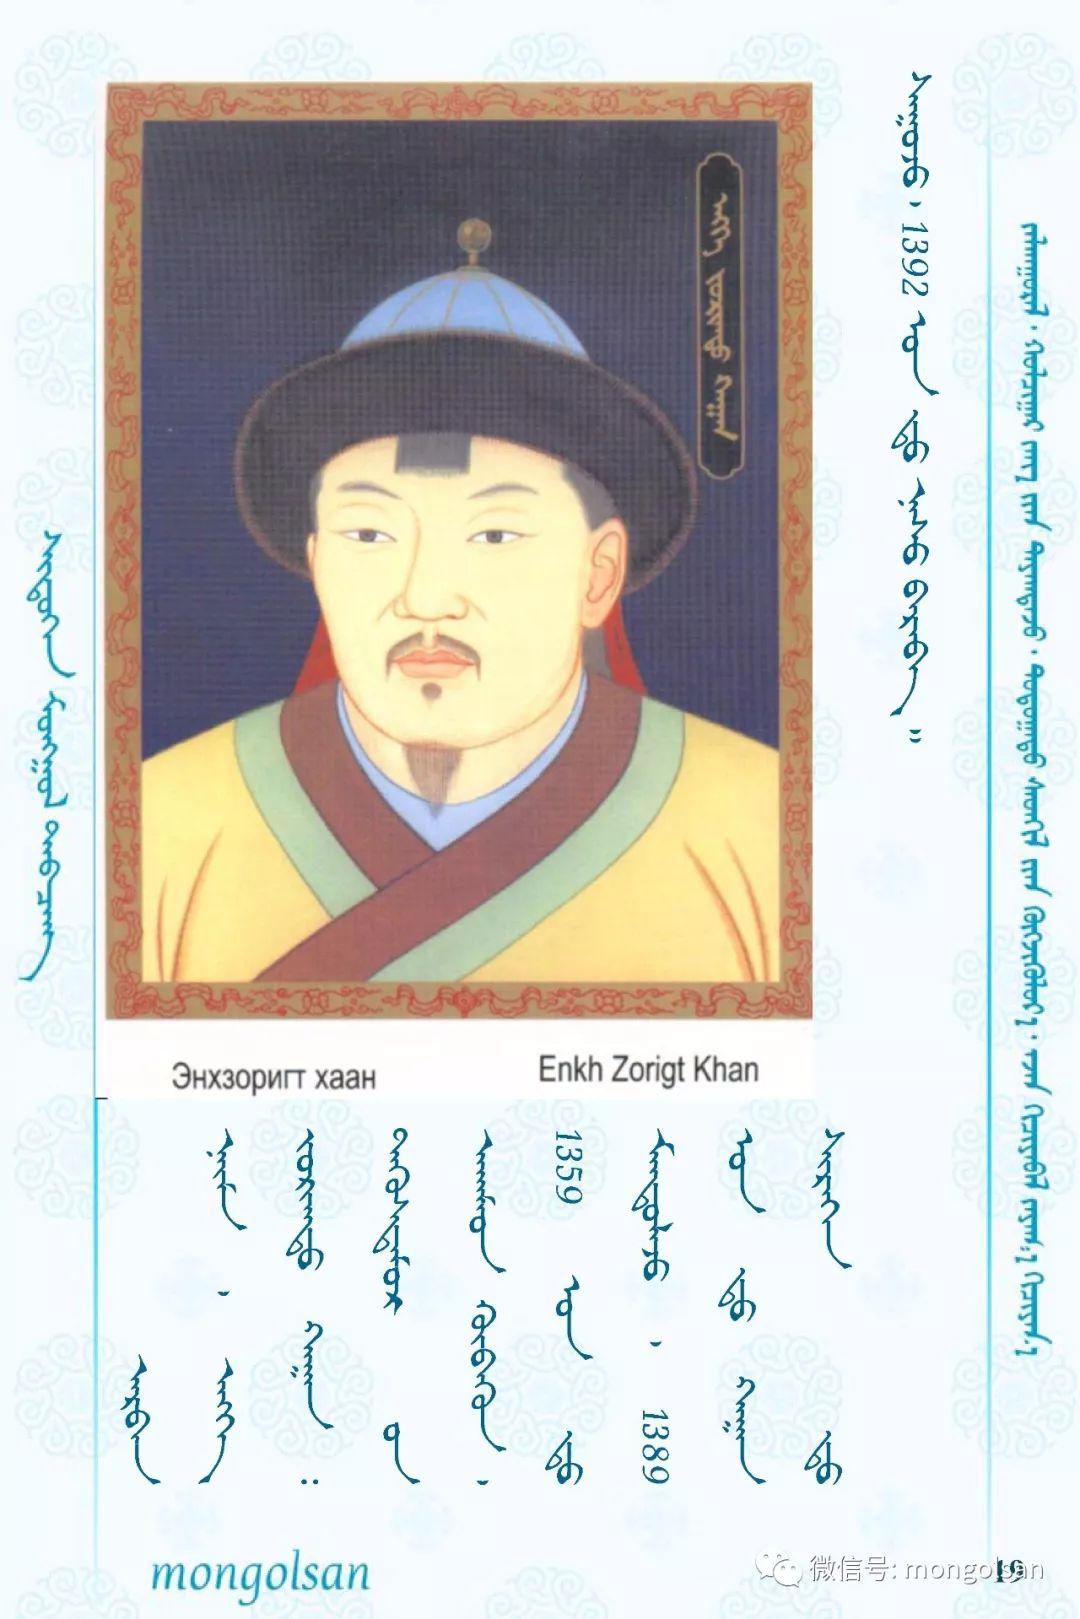 【关注】蒙古皇帝列表 第19张